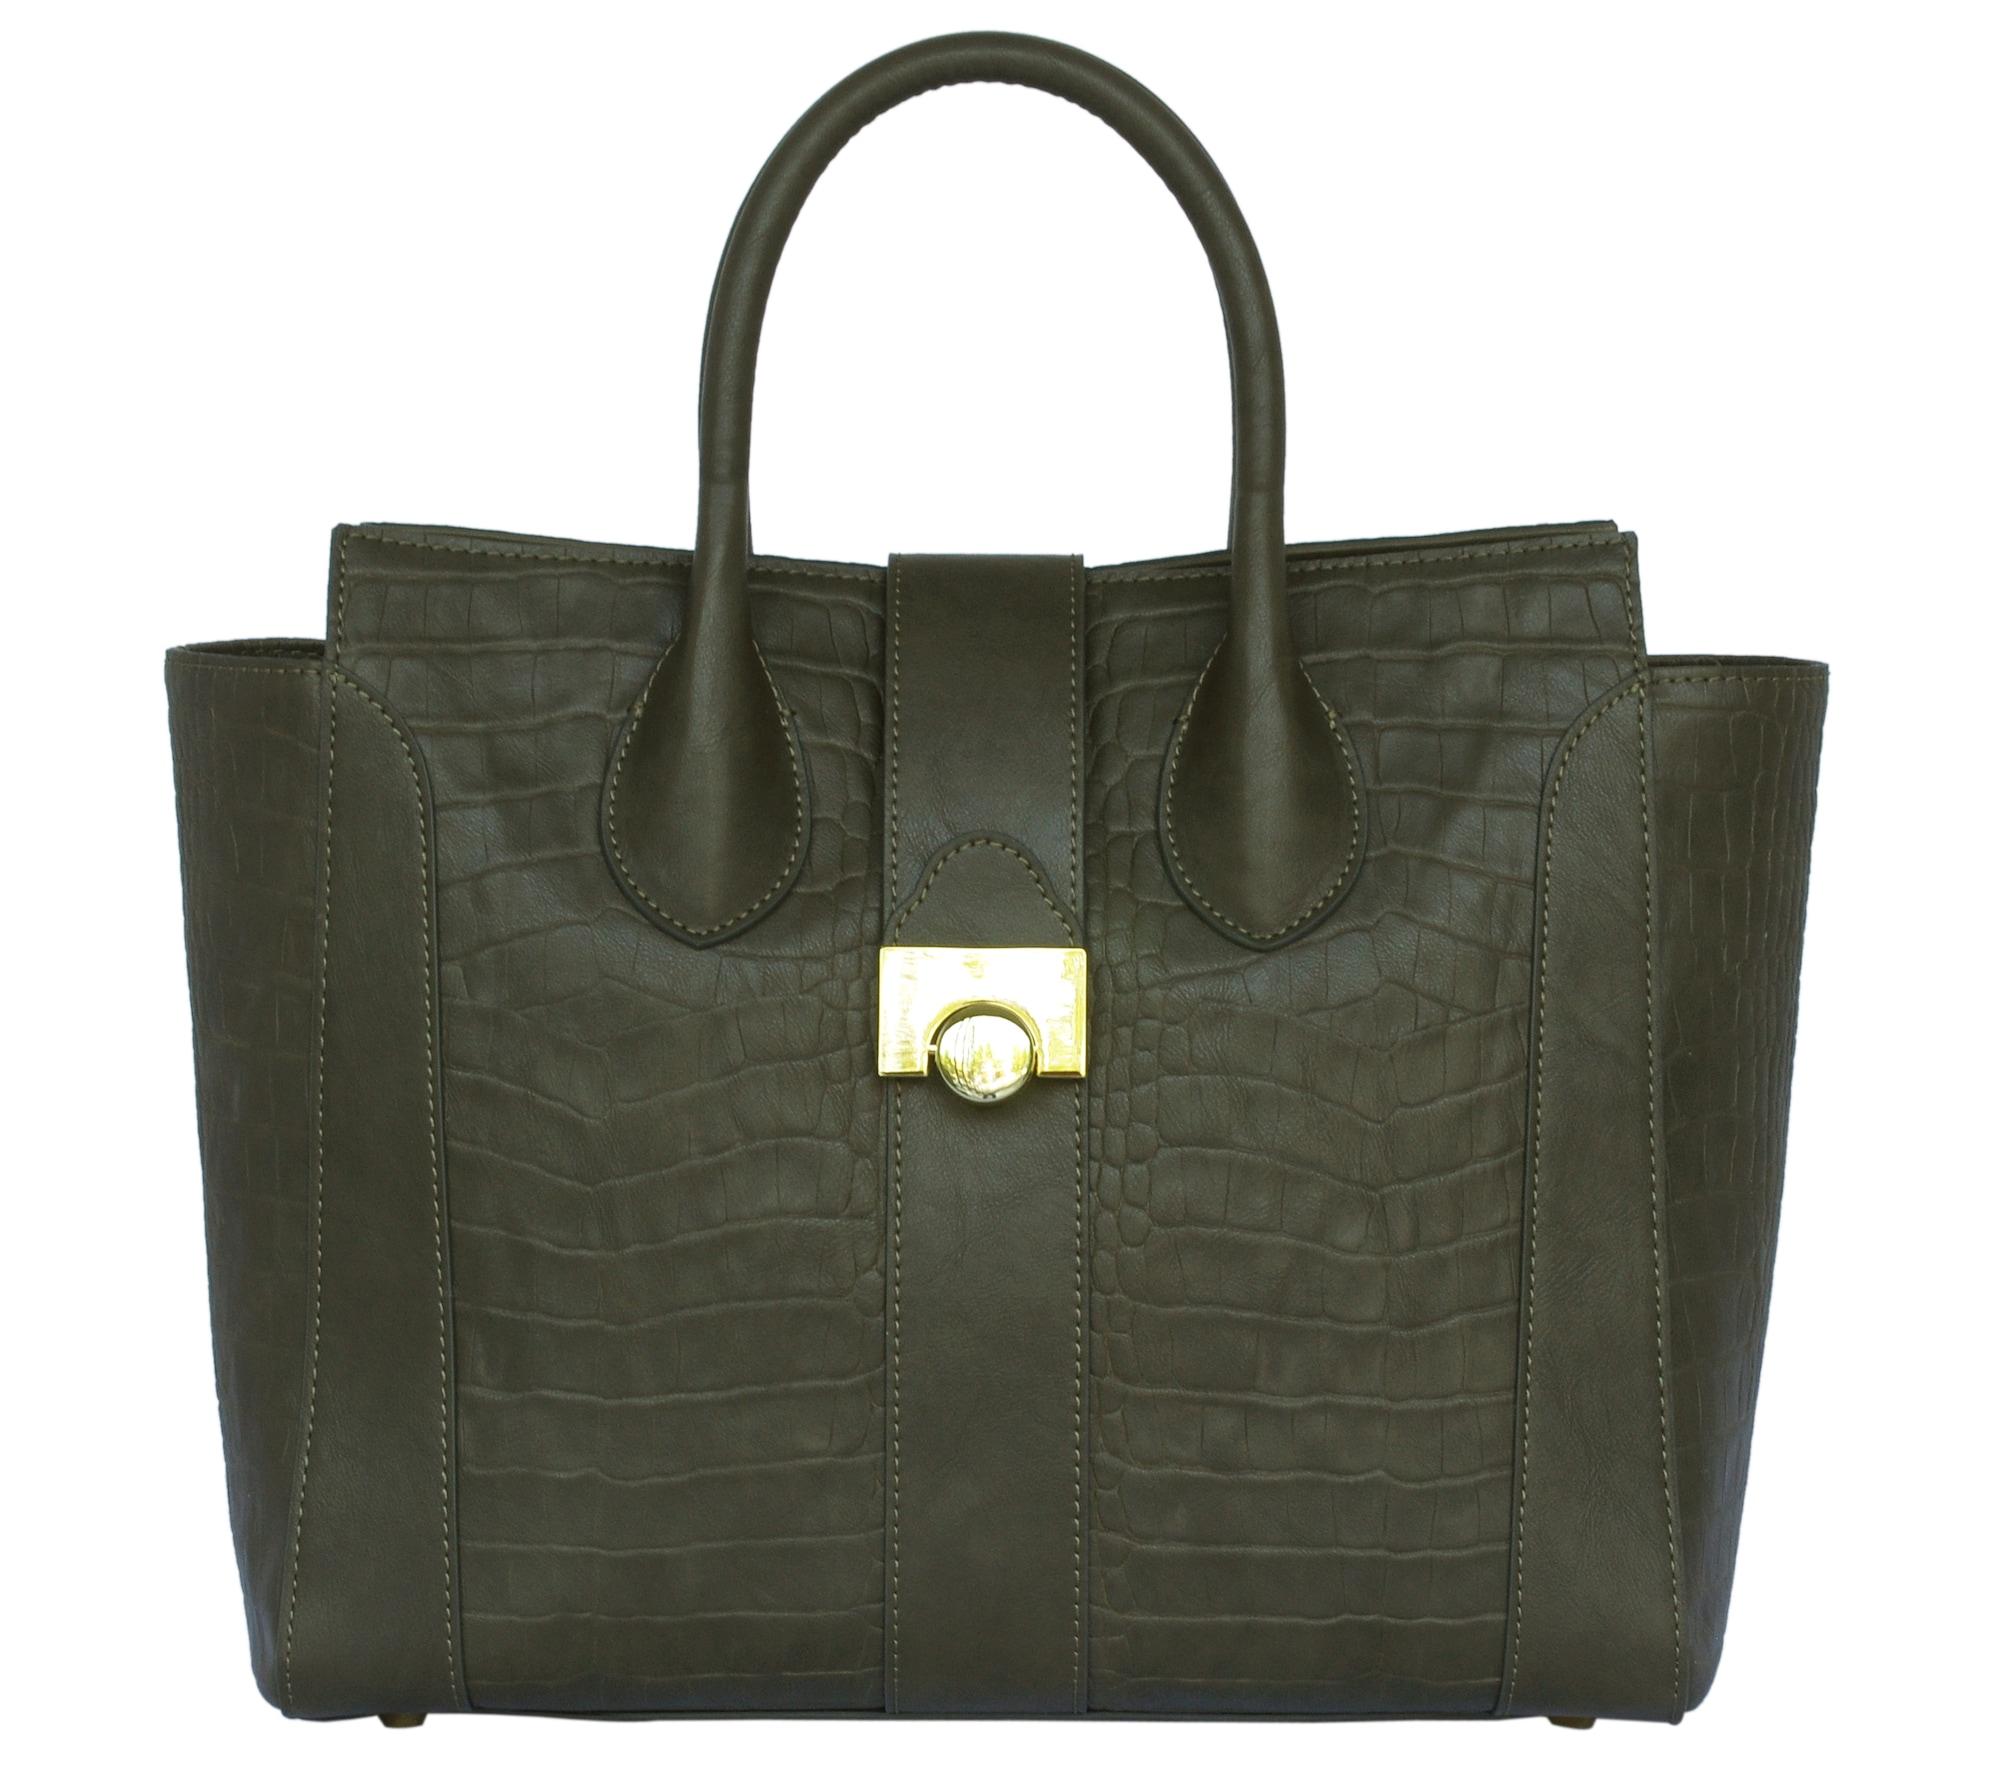 e7c86f5fb787c Taschen online günstig kaufen über shop24.at